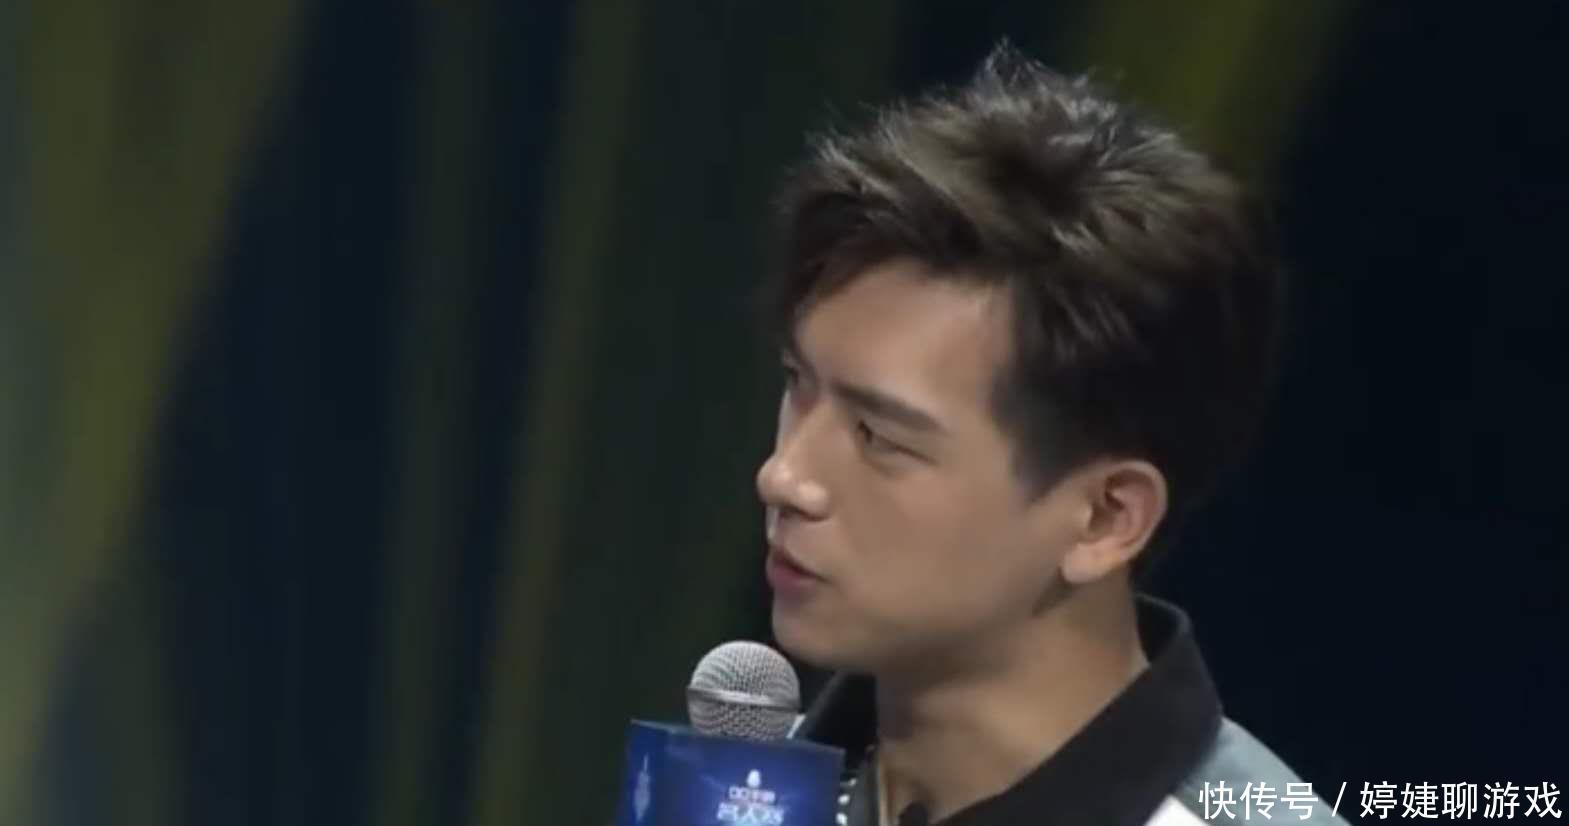 <b>第二局输掉比赛,李现面露微笑询问,李现:孤影你觉得呢?</b>